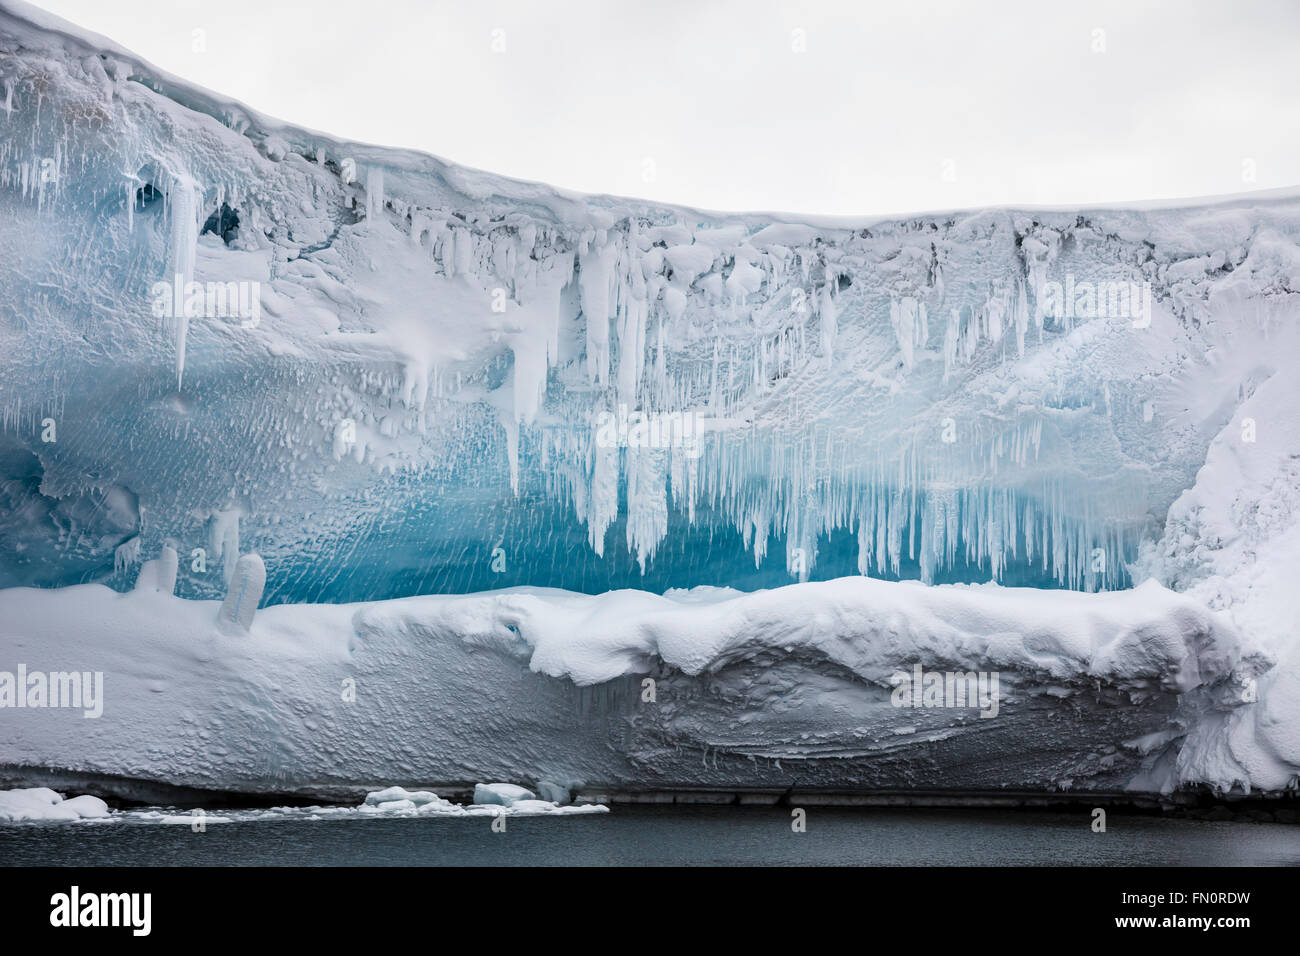 L'antarctique, péninsule Antarctique, îles de poissons, les glaçons sur la glace porte-à Photo Stock